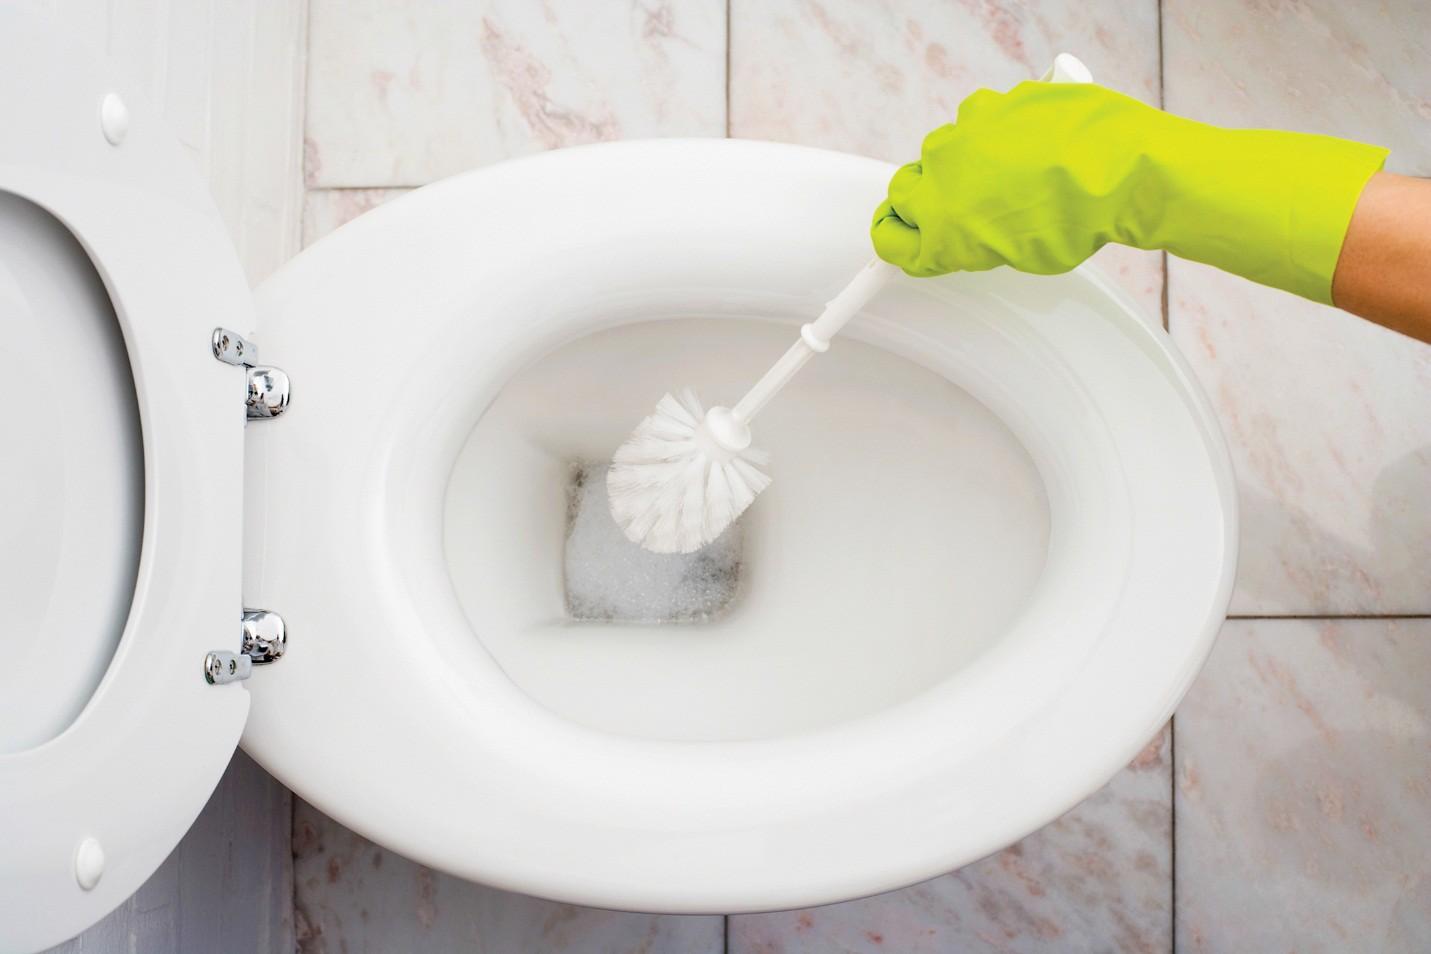 Чем удалить мочевой камень с унитаза в домашних условиях